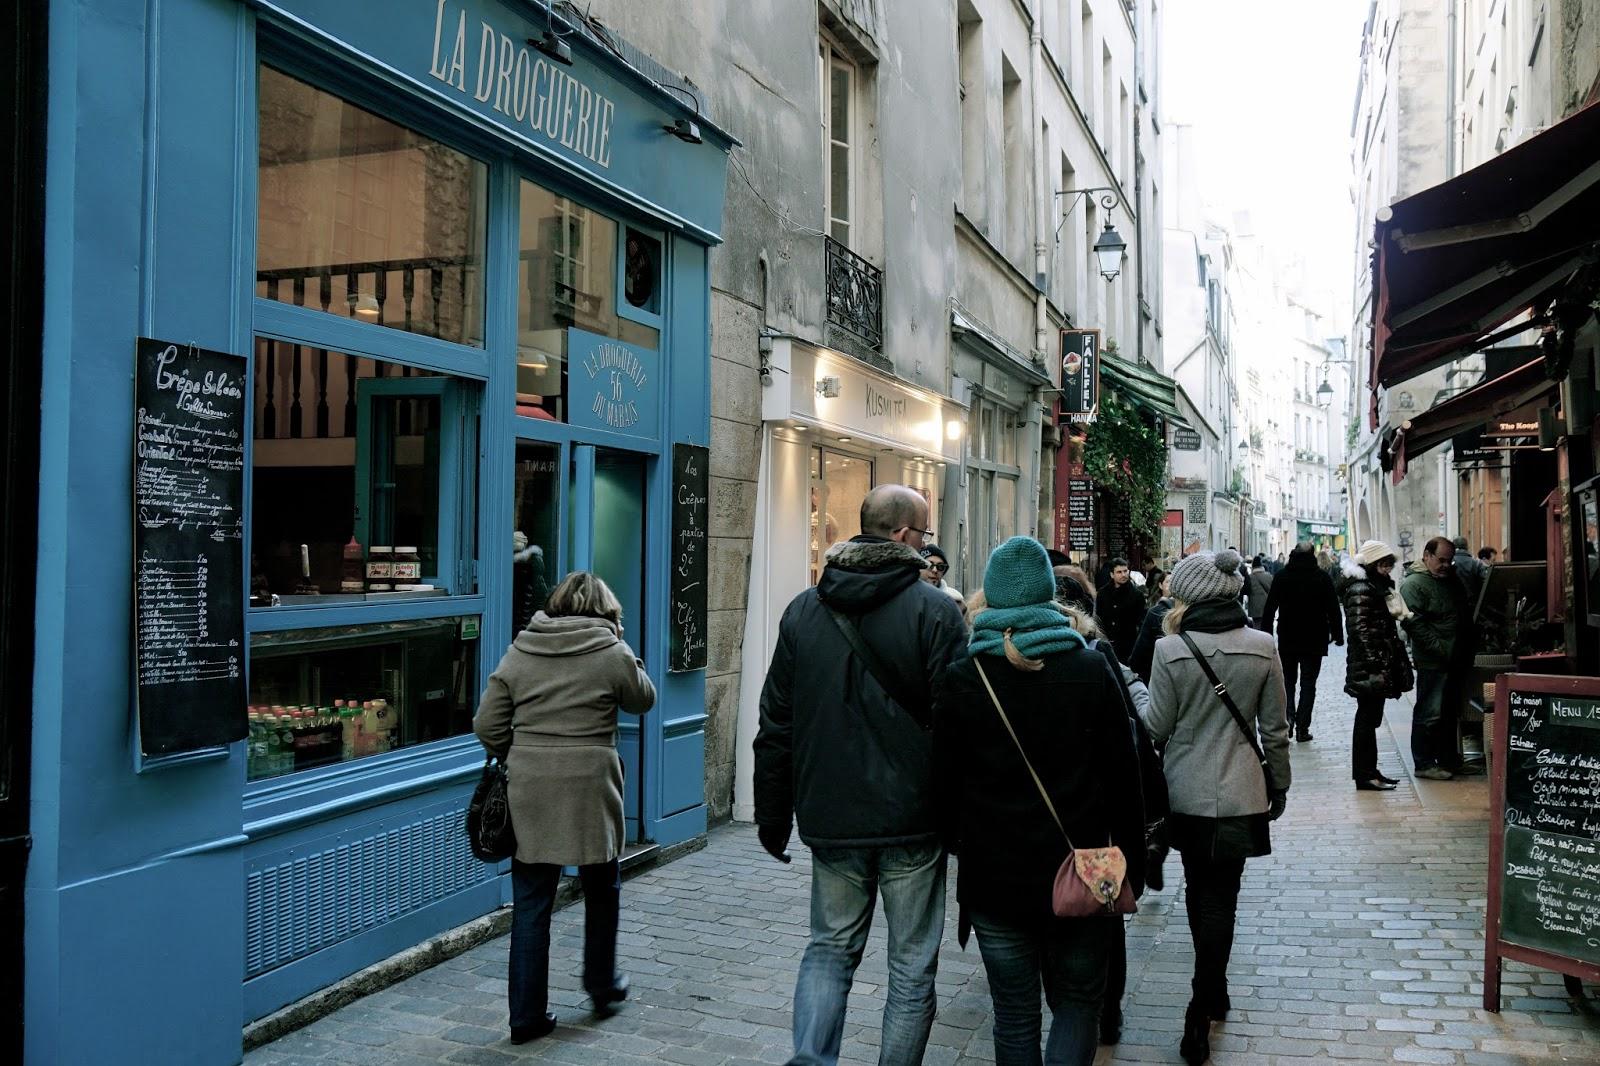 ロジエ通り(Rue des Rosiers)